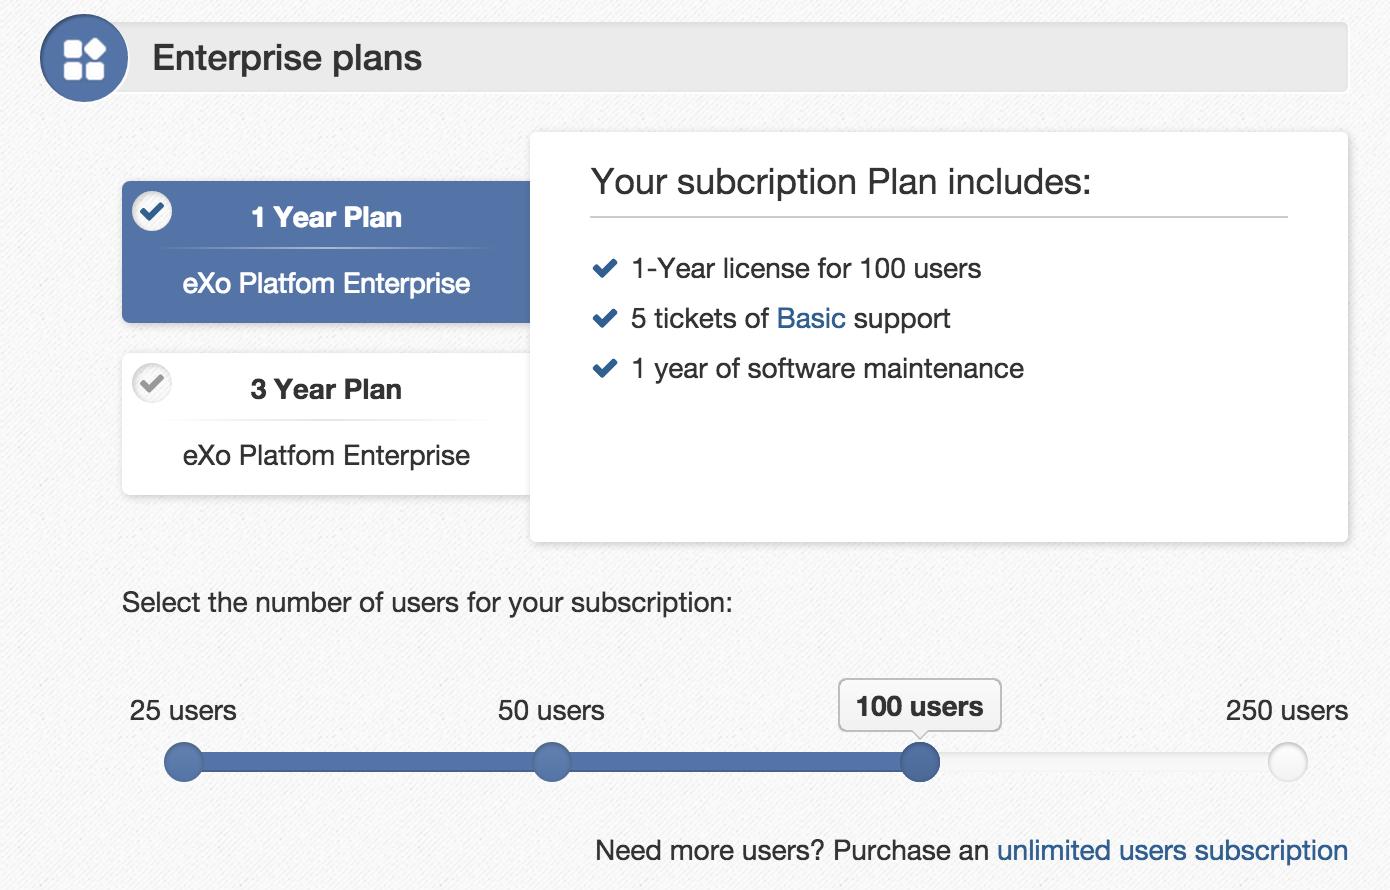 01-Enterprise-Plans